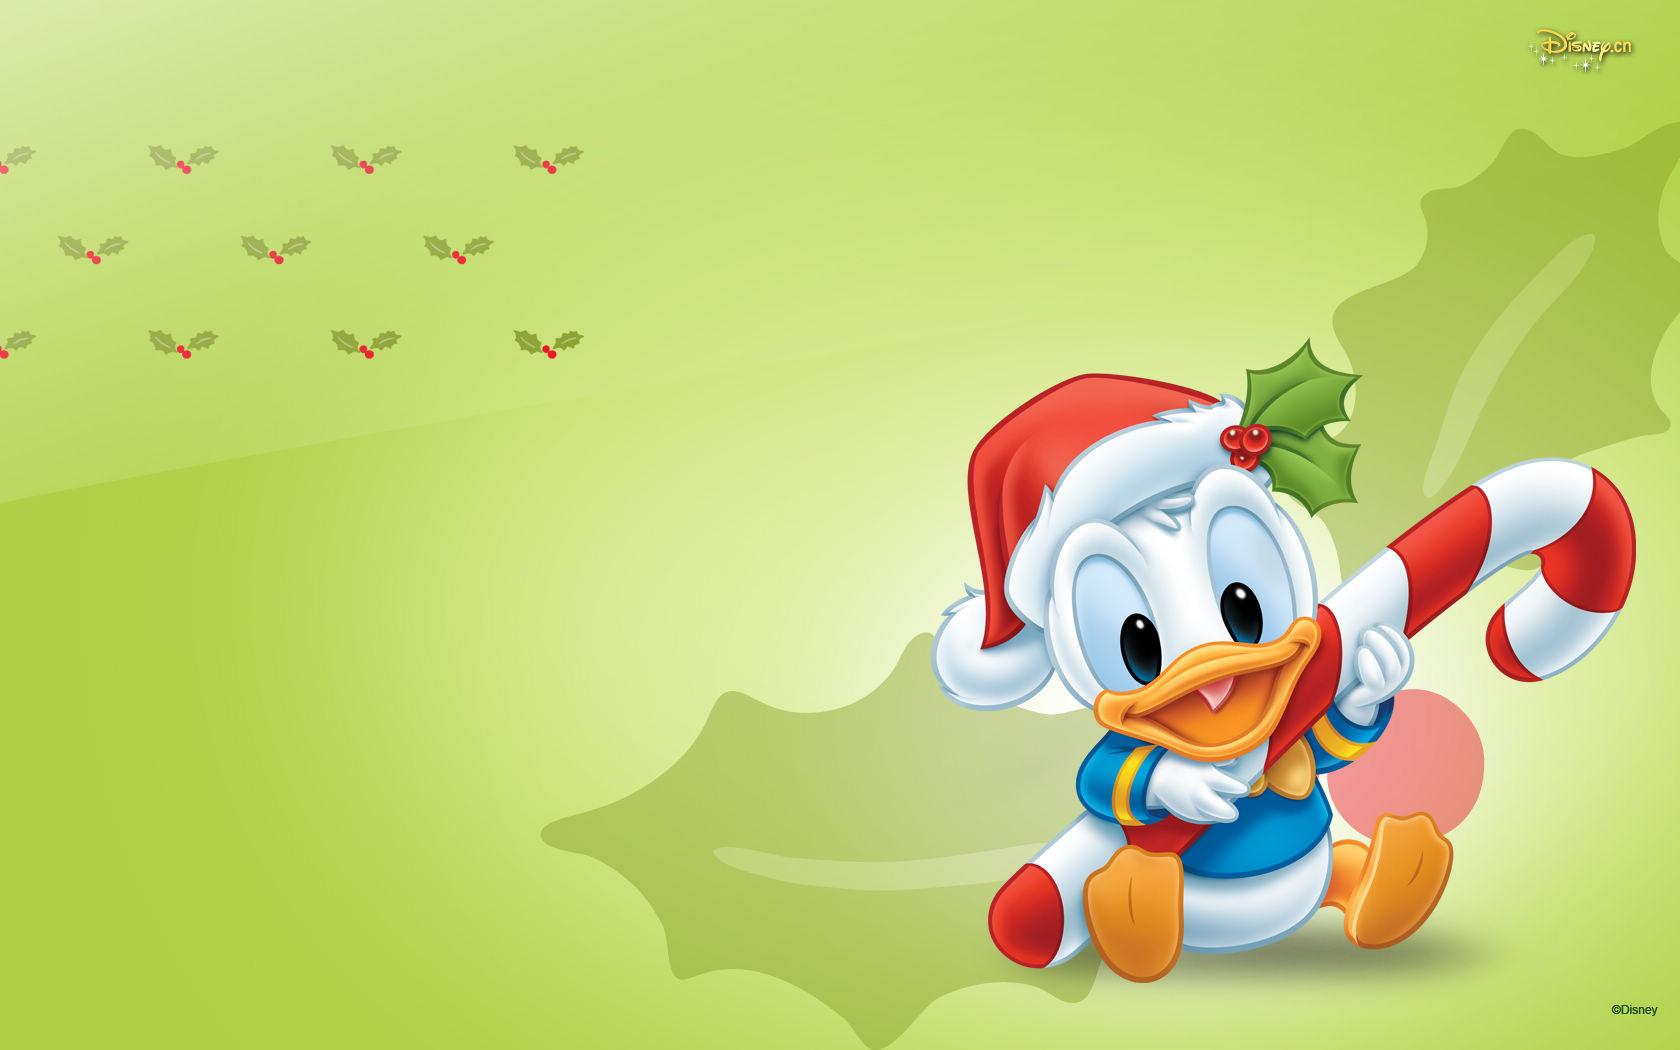 Cute Cartoon Backgrounds Free Download: Fondos De Pantalla Del Pato Donald, Wallpapers HD Para